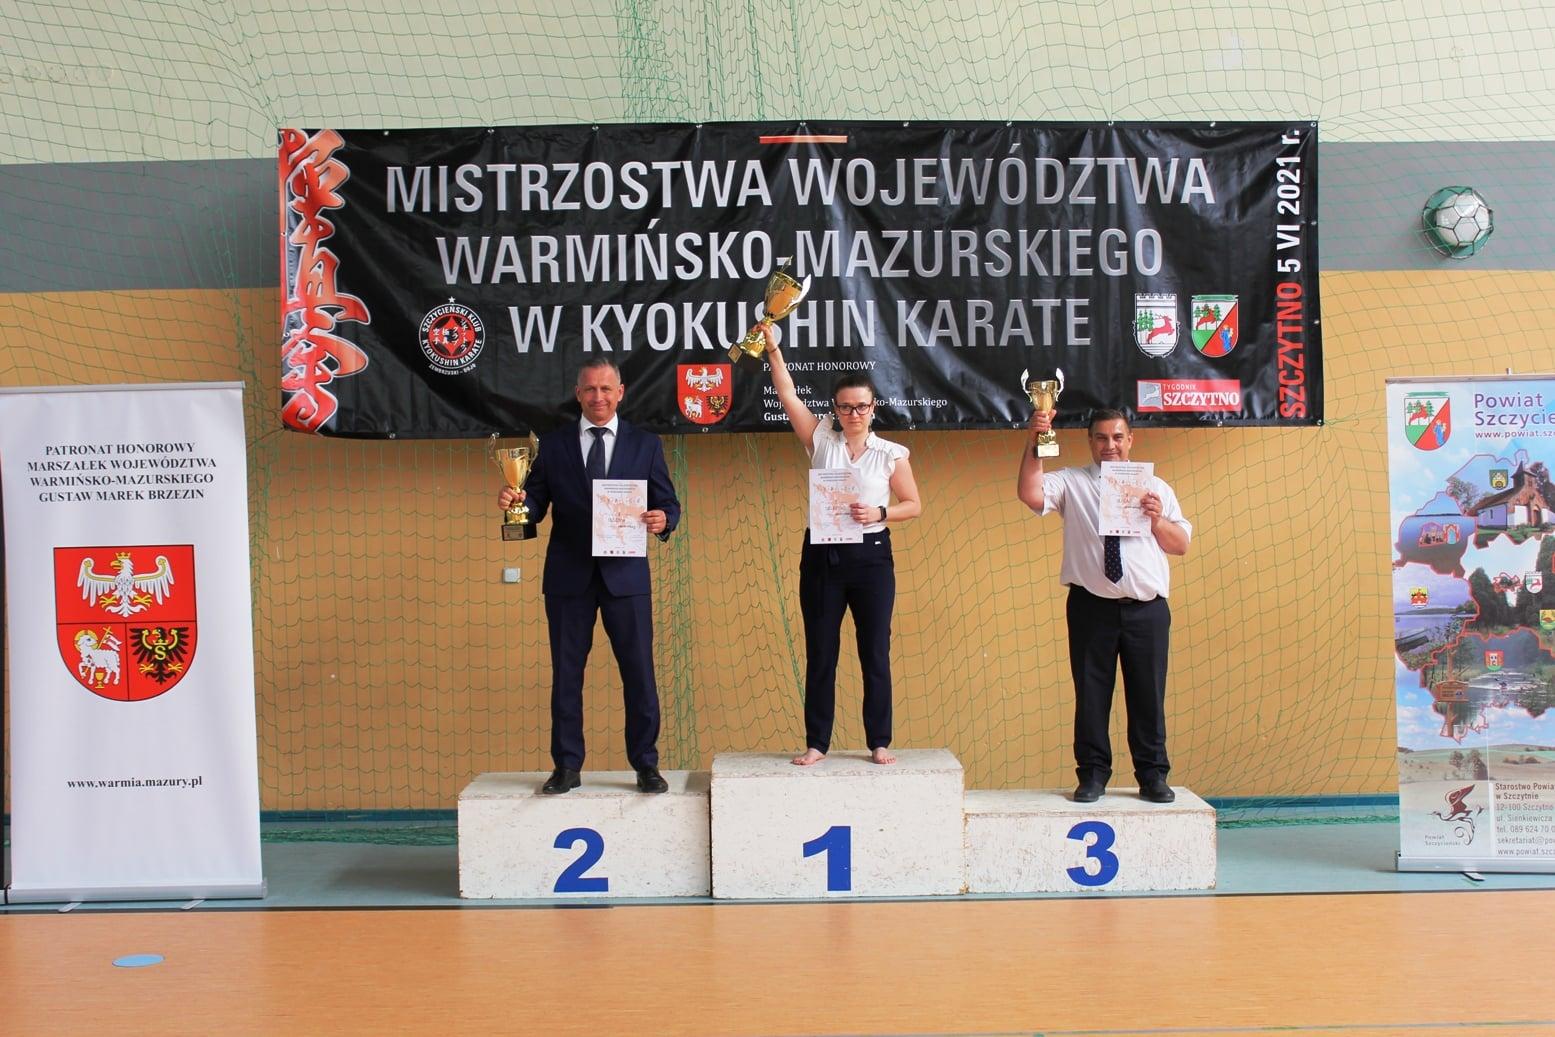 https://m.powiatszczycienski.pl/2021/06/orig/195874550-4729458130414530-5061317476319697549-n-40893.jpg